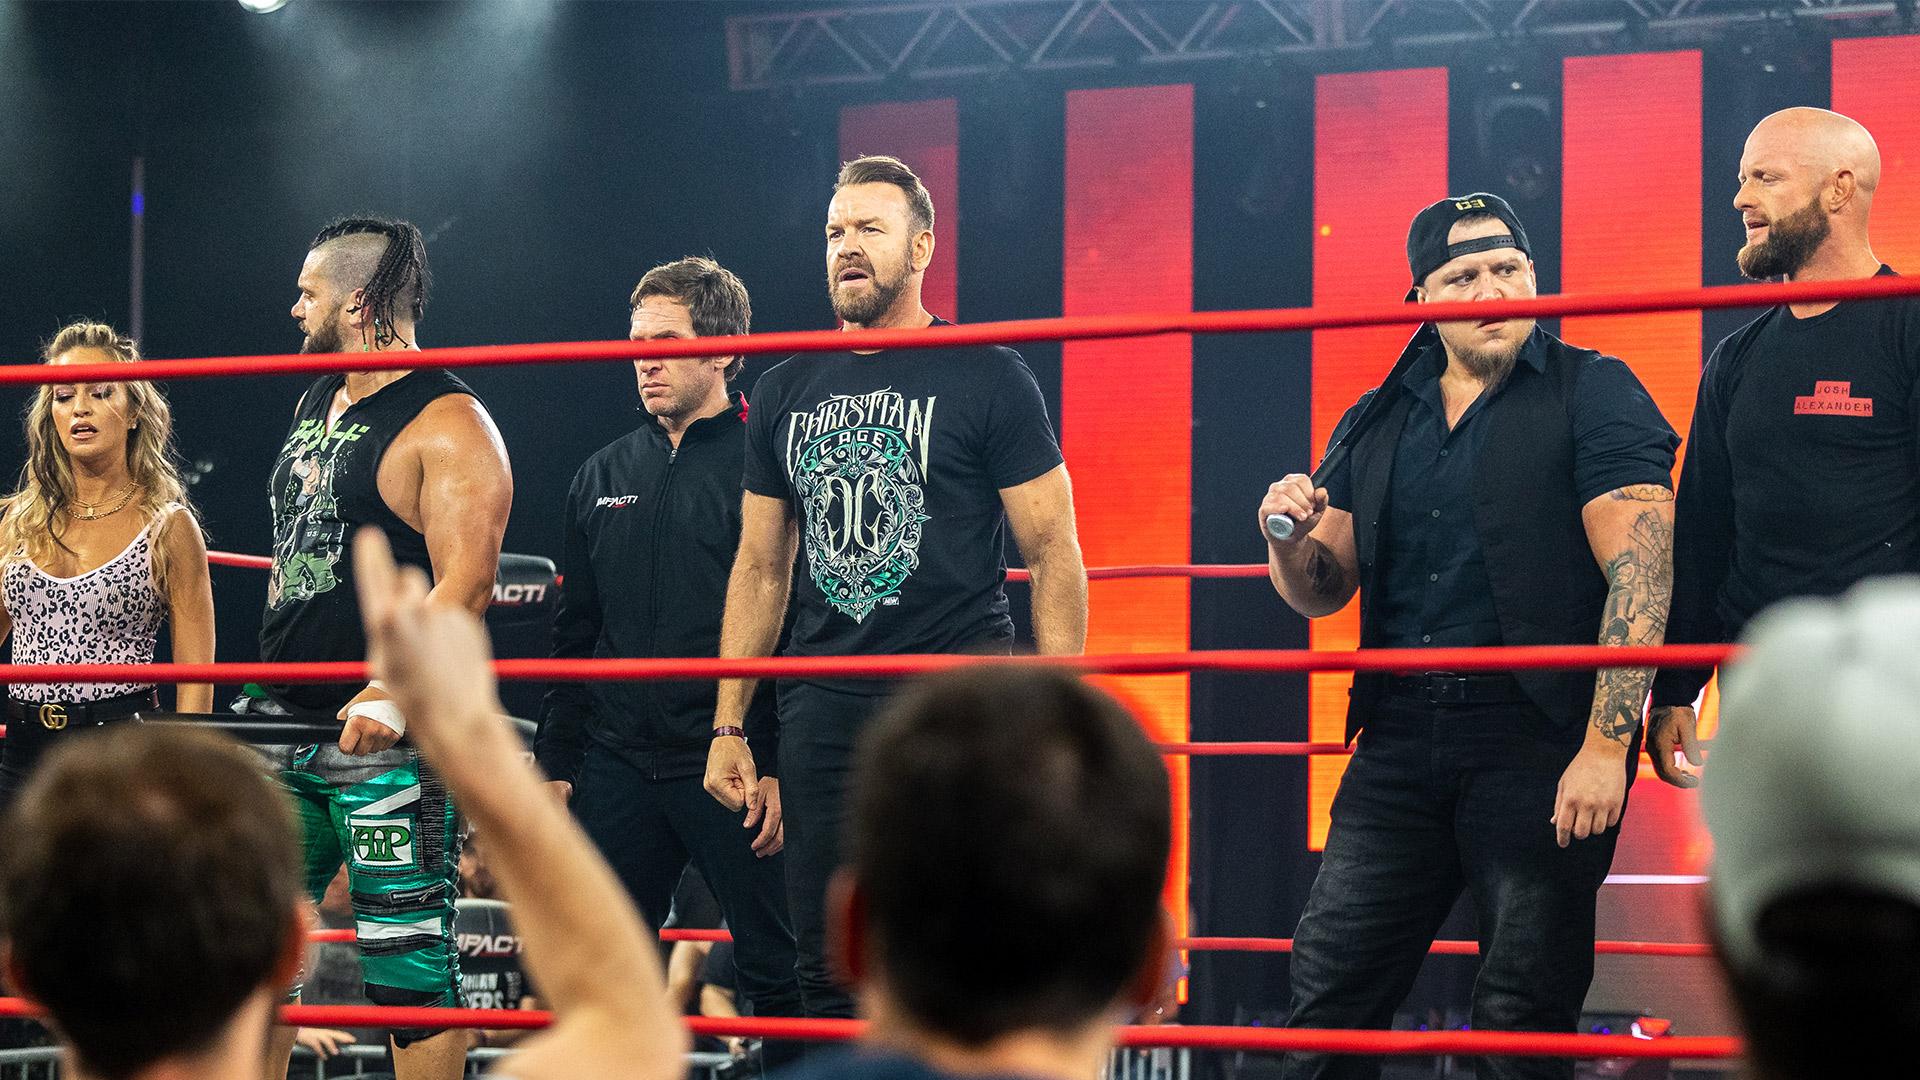 Cobertura: IMPACT Wrestling (09/09/2021) – Reunião!